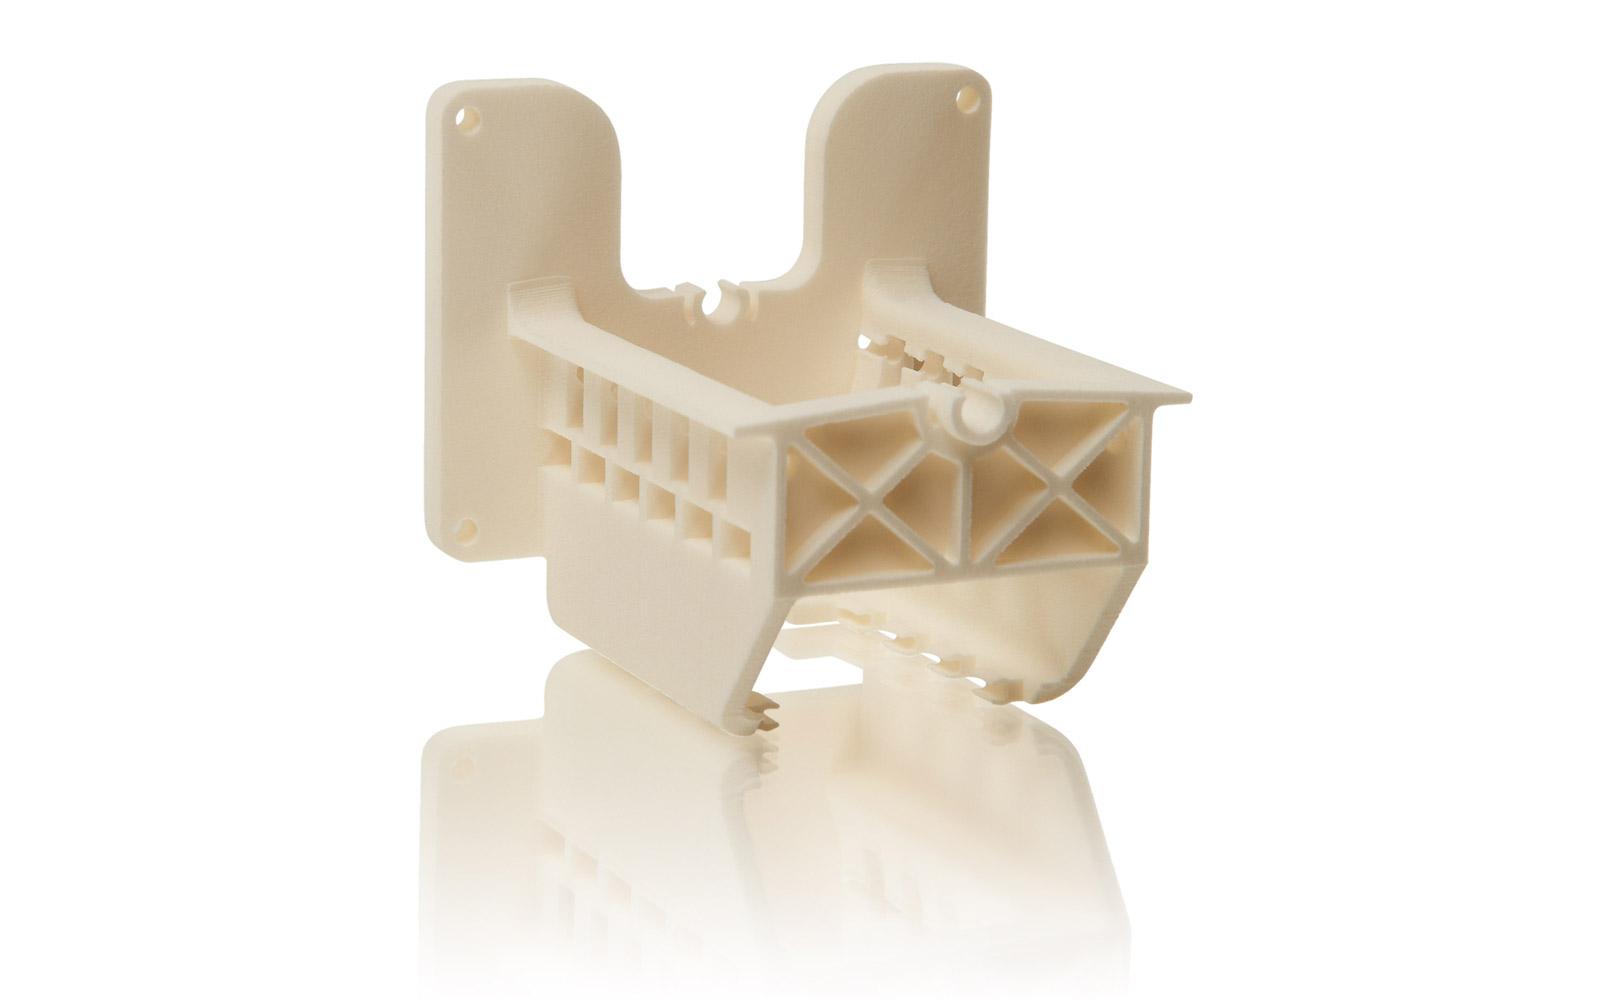 SLS gefertigte Teile eignen sich z. B. als Funktionsmodelle